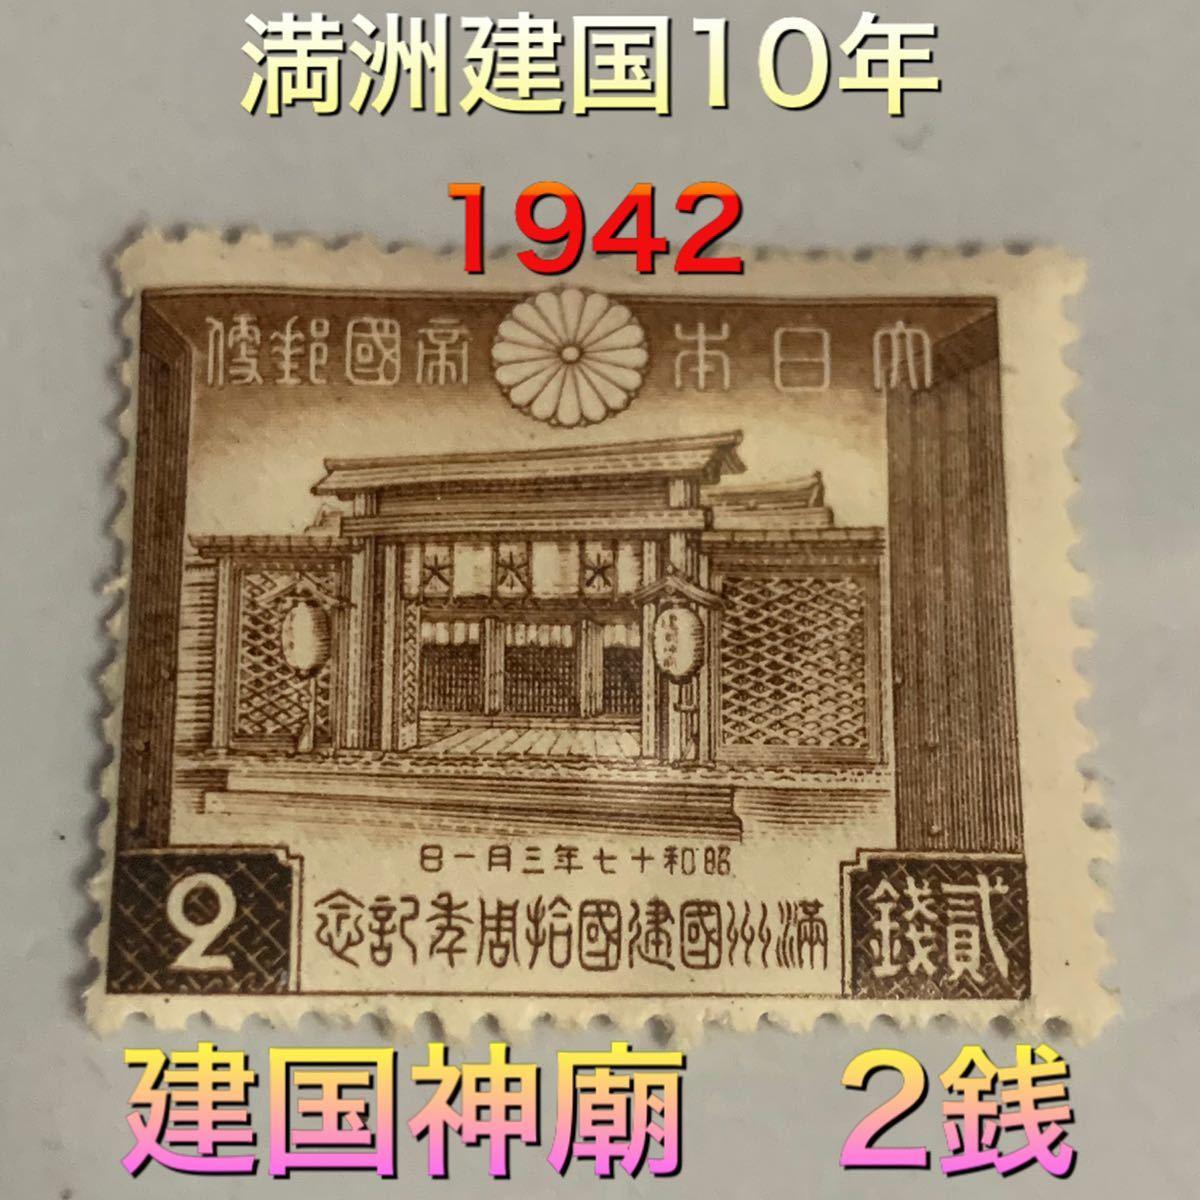 未使用 切手 日本切手/旧日本切手 / 記念切手/年代物/希少品/珍品切手/満洲建国10年 1942 建国神廟 2銭